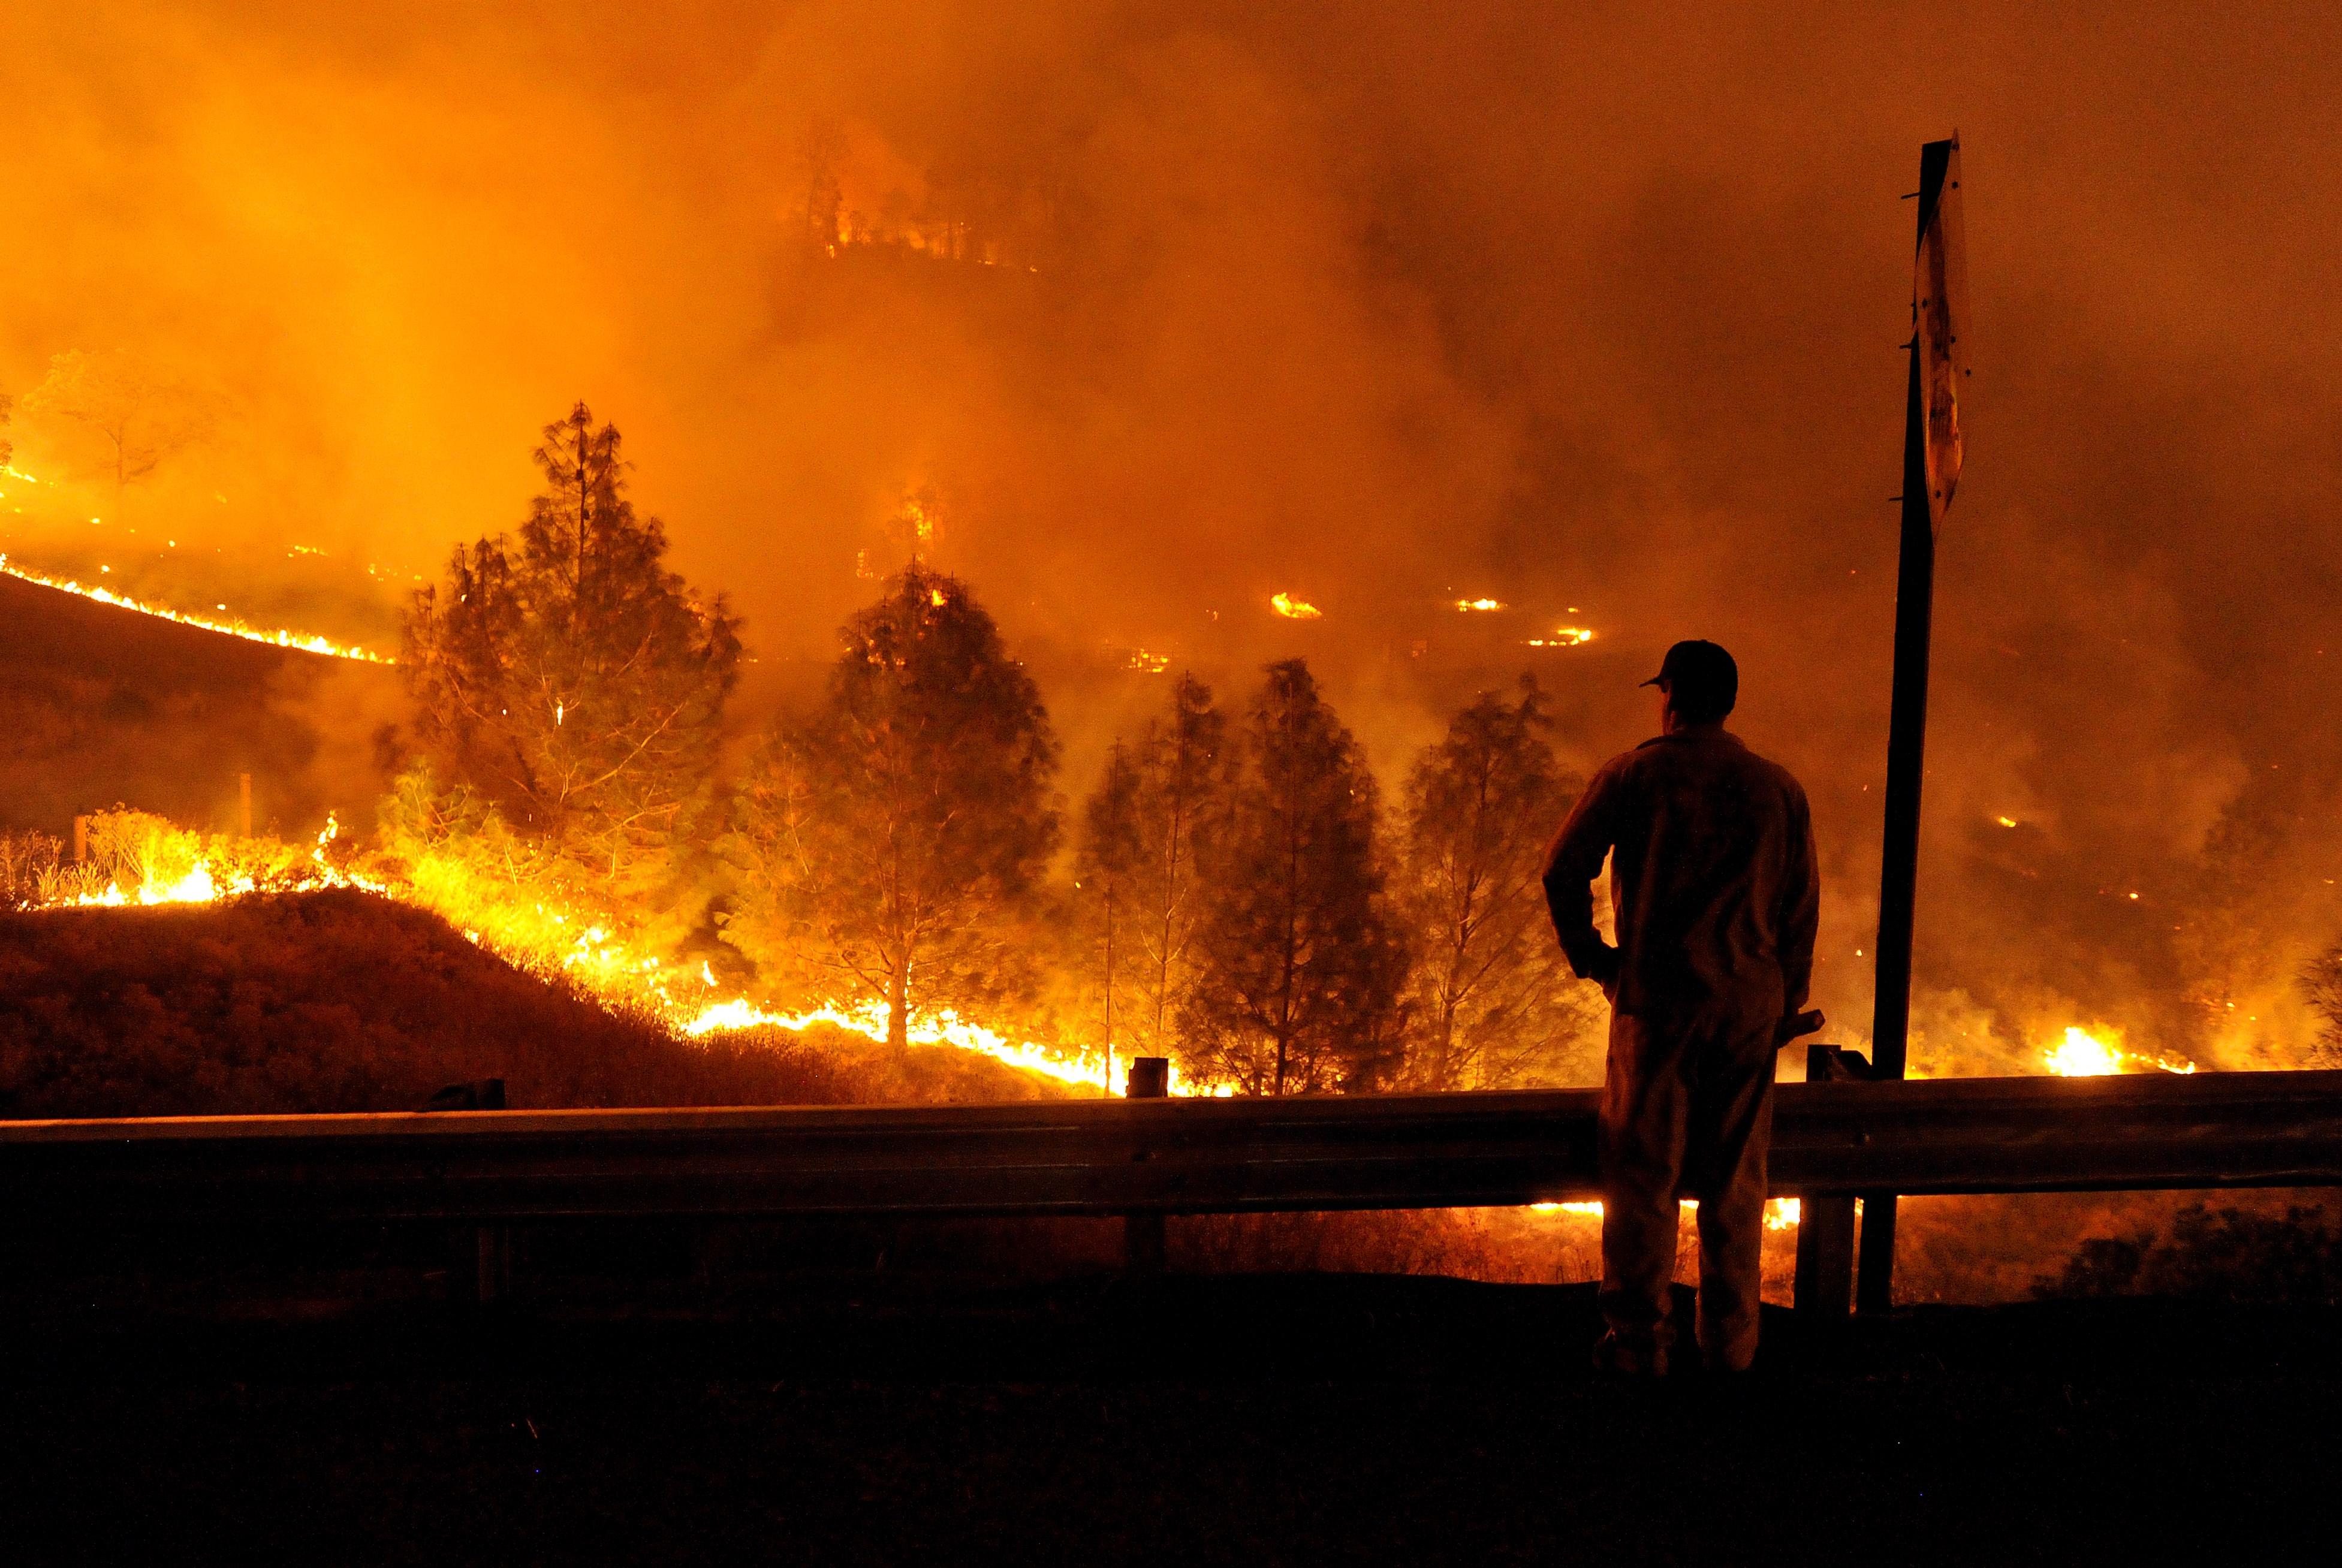 Resultado de imagen para incendio forestal san luis obispo california